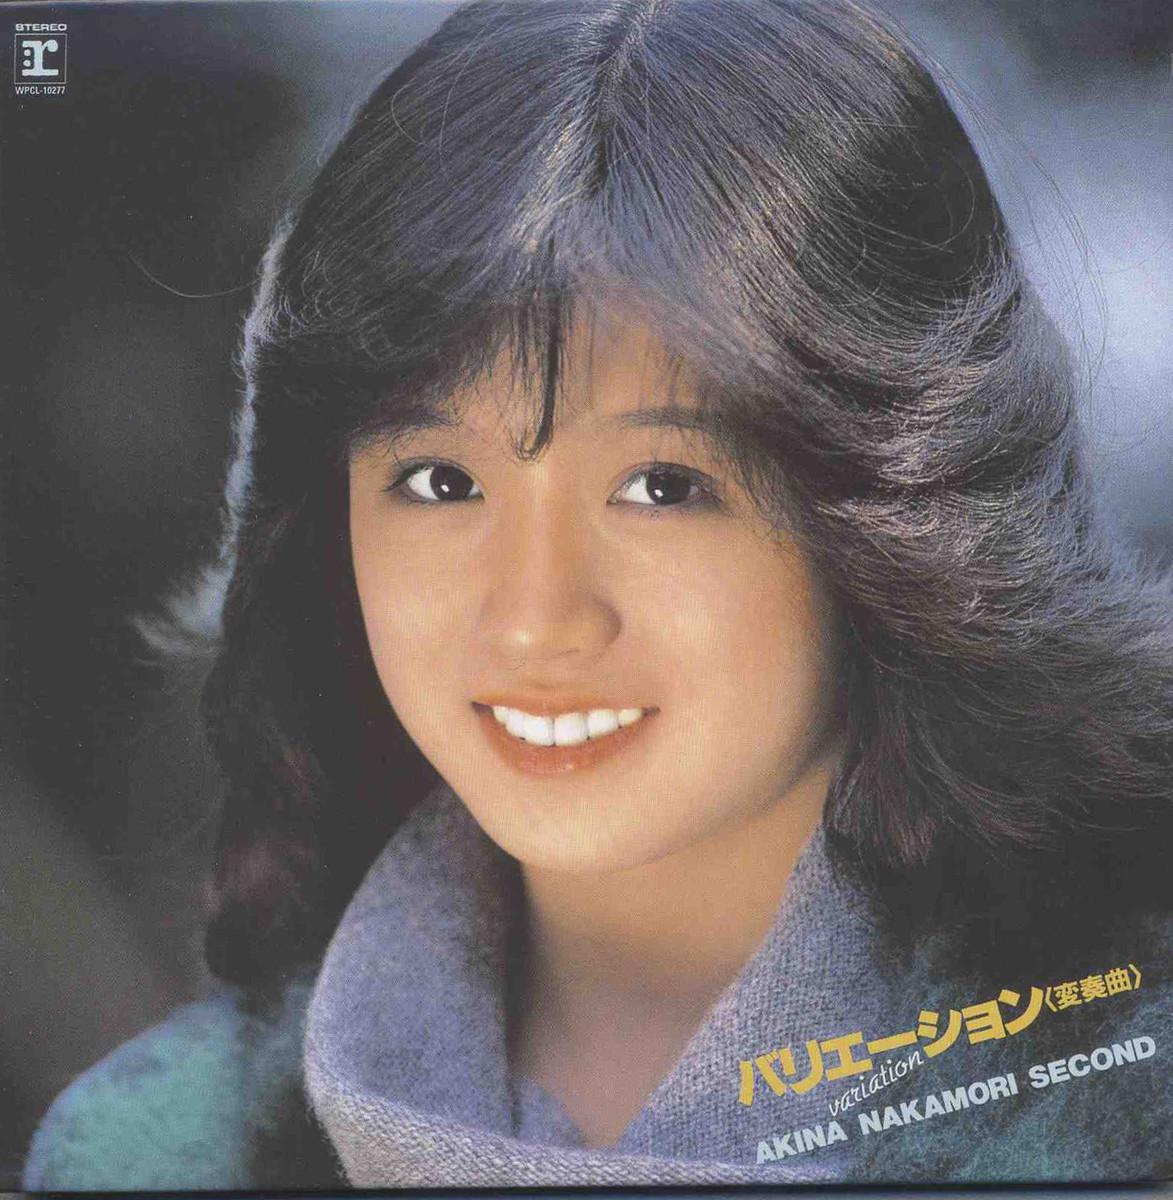 What Happened To Her? Akina nakamori photo gallery